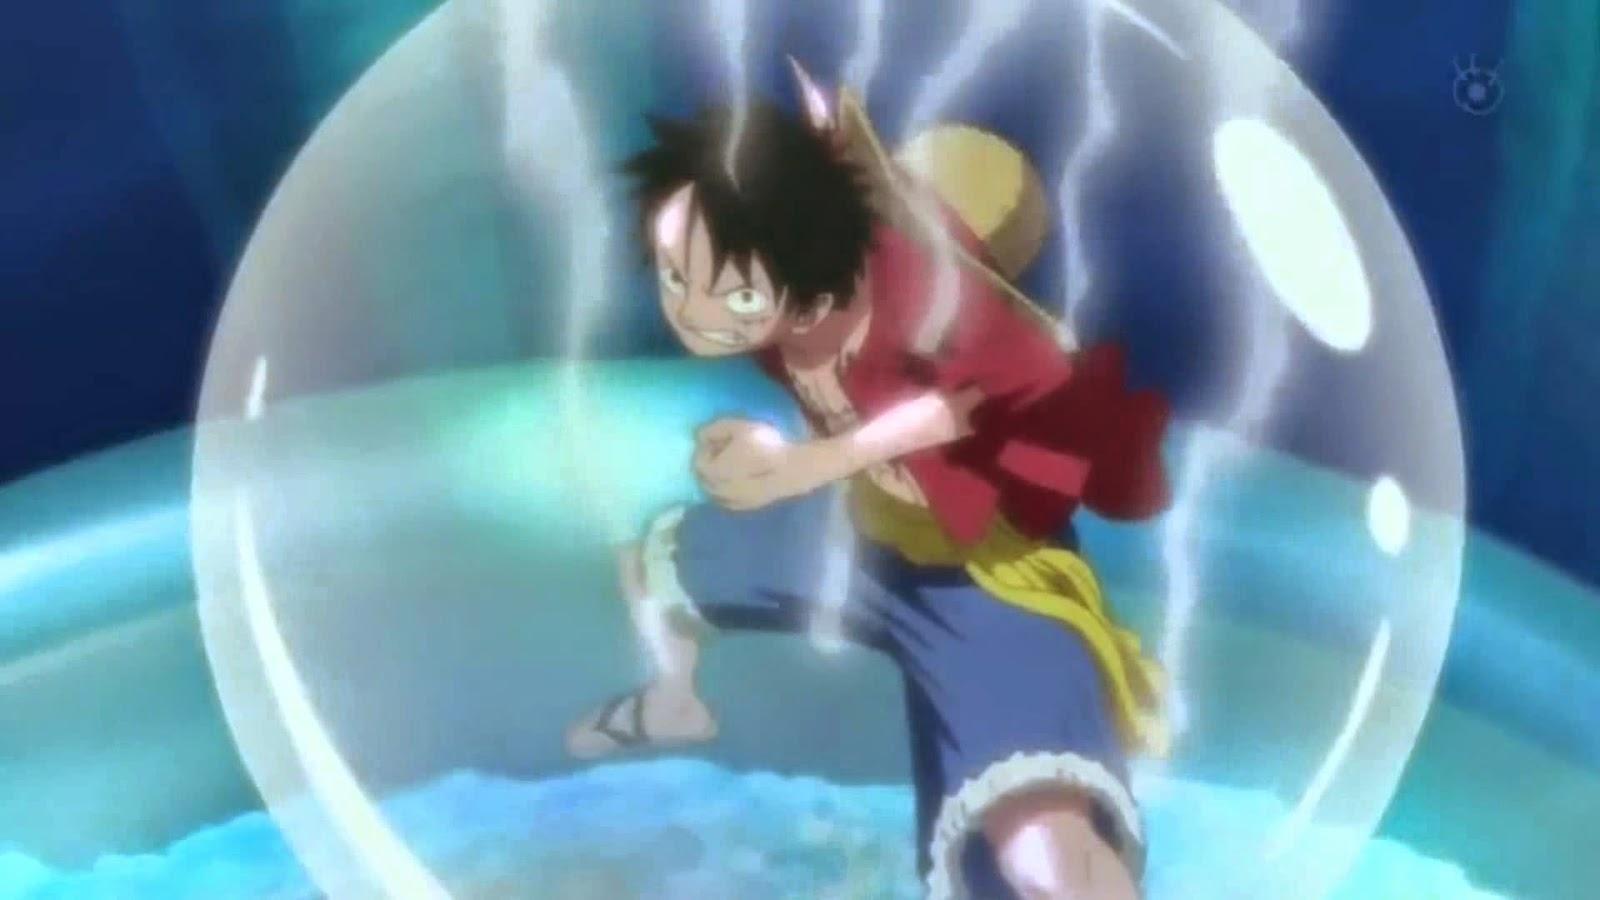 Jurus Luffy yang paling kuat adalah